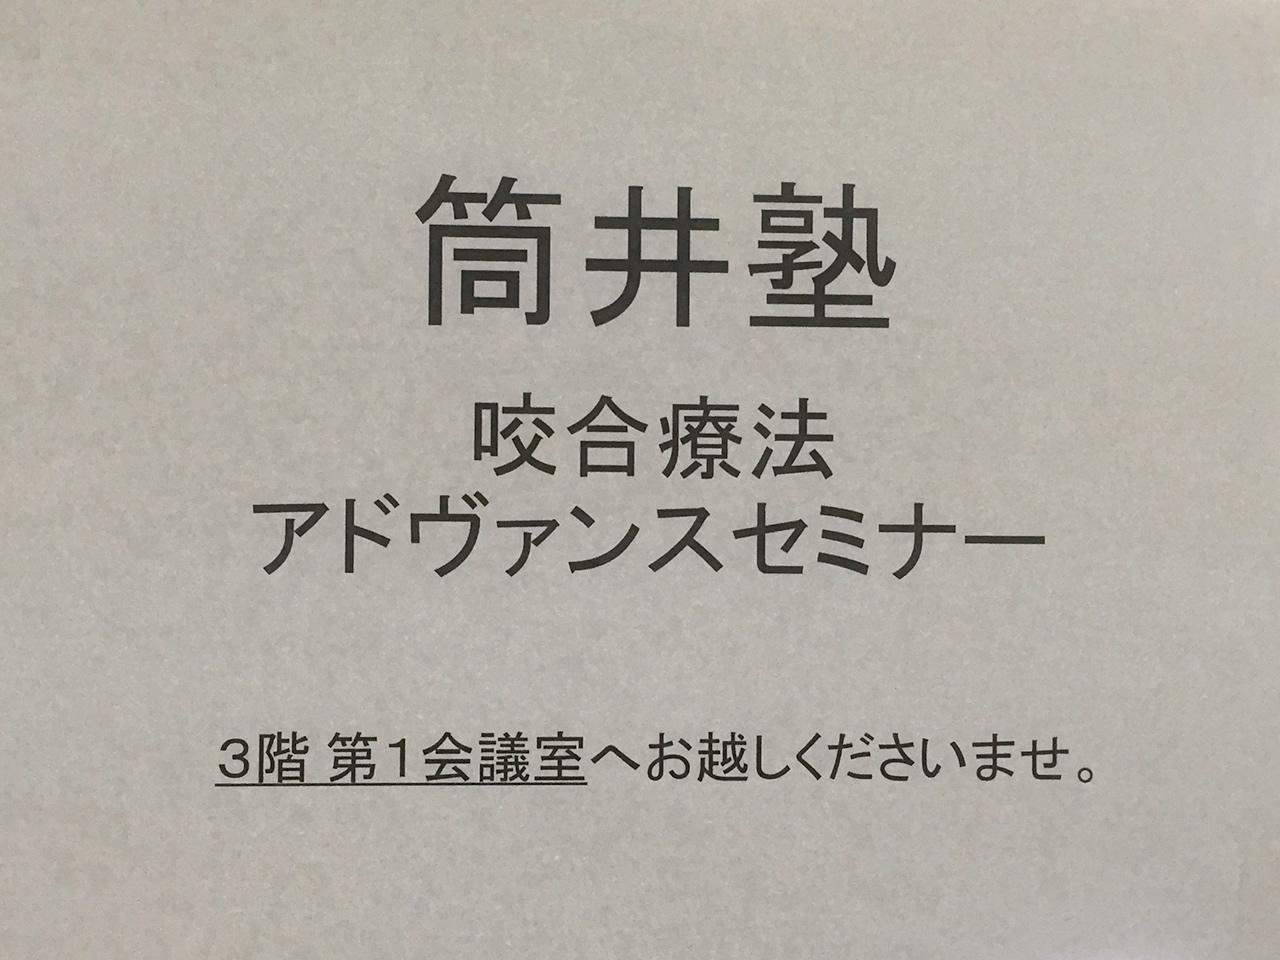 筒井塾 咬合療法アドヴァンスセミナー オブザーバー参加(再受講)